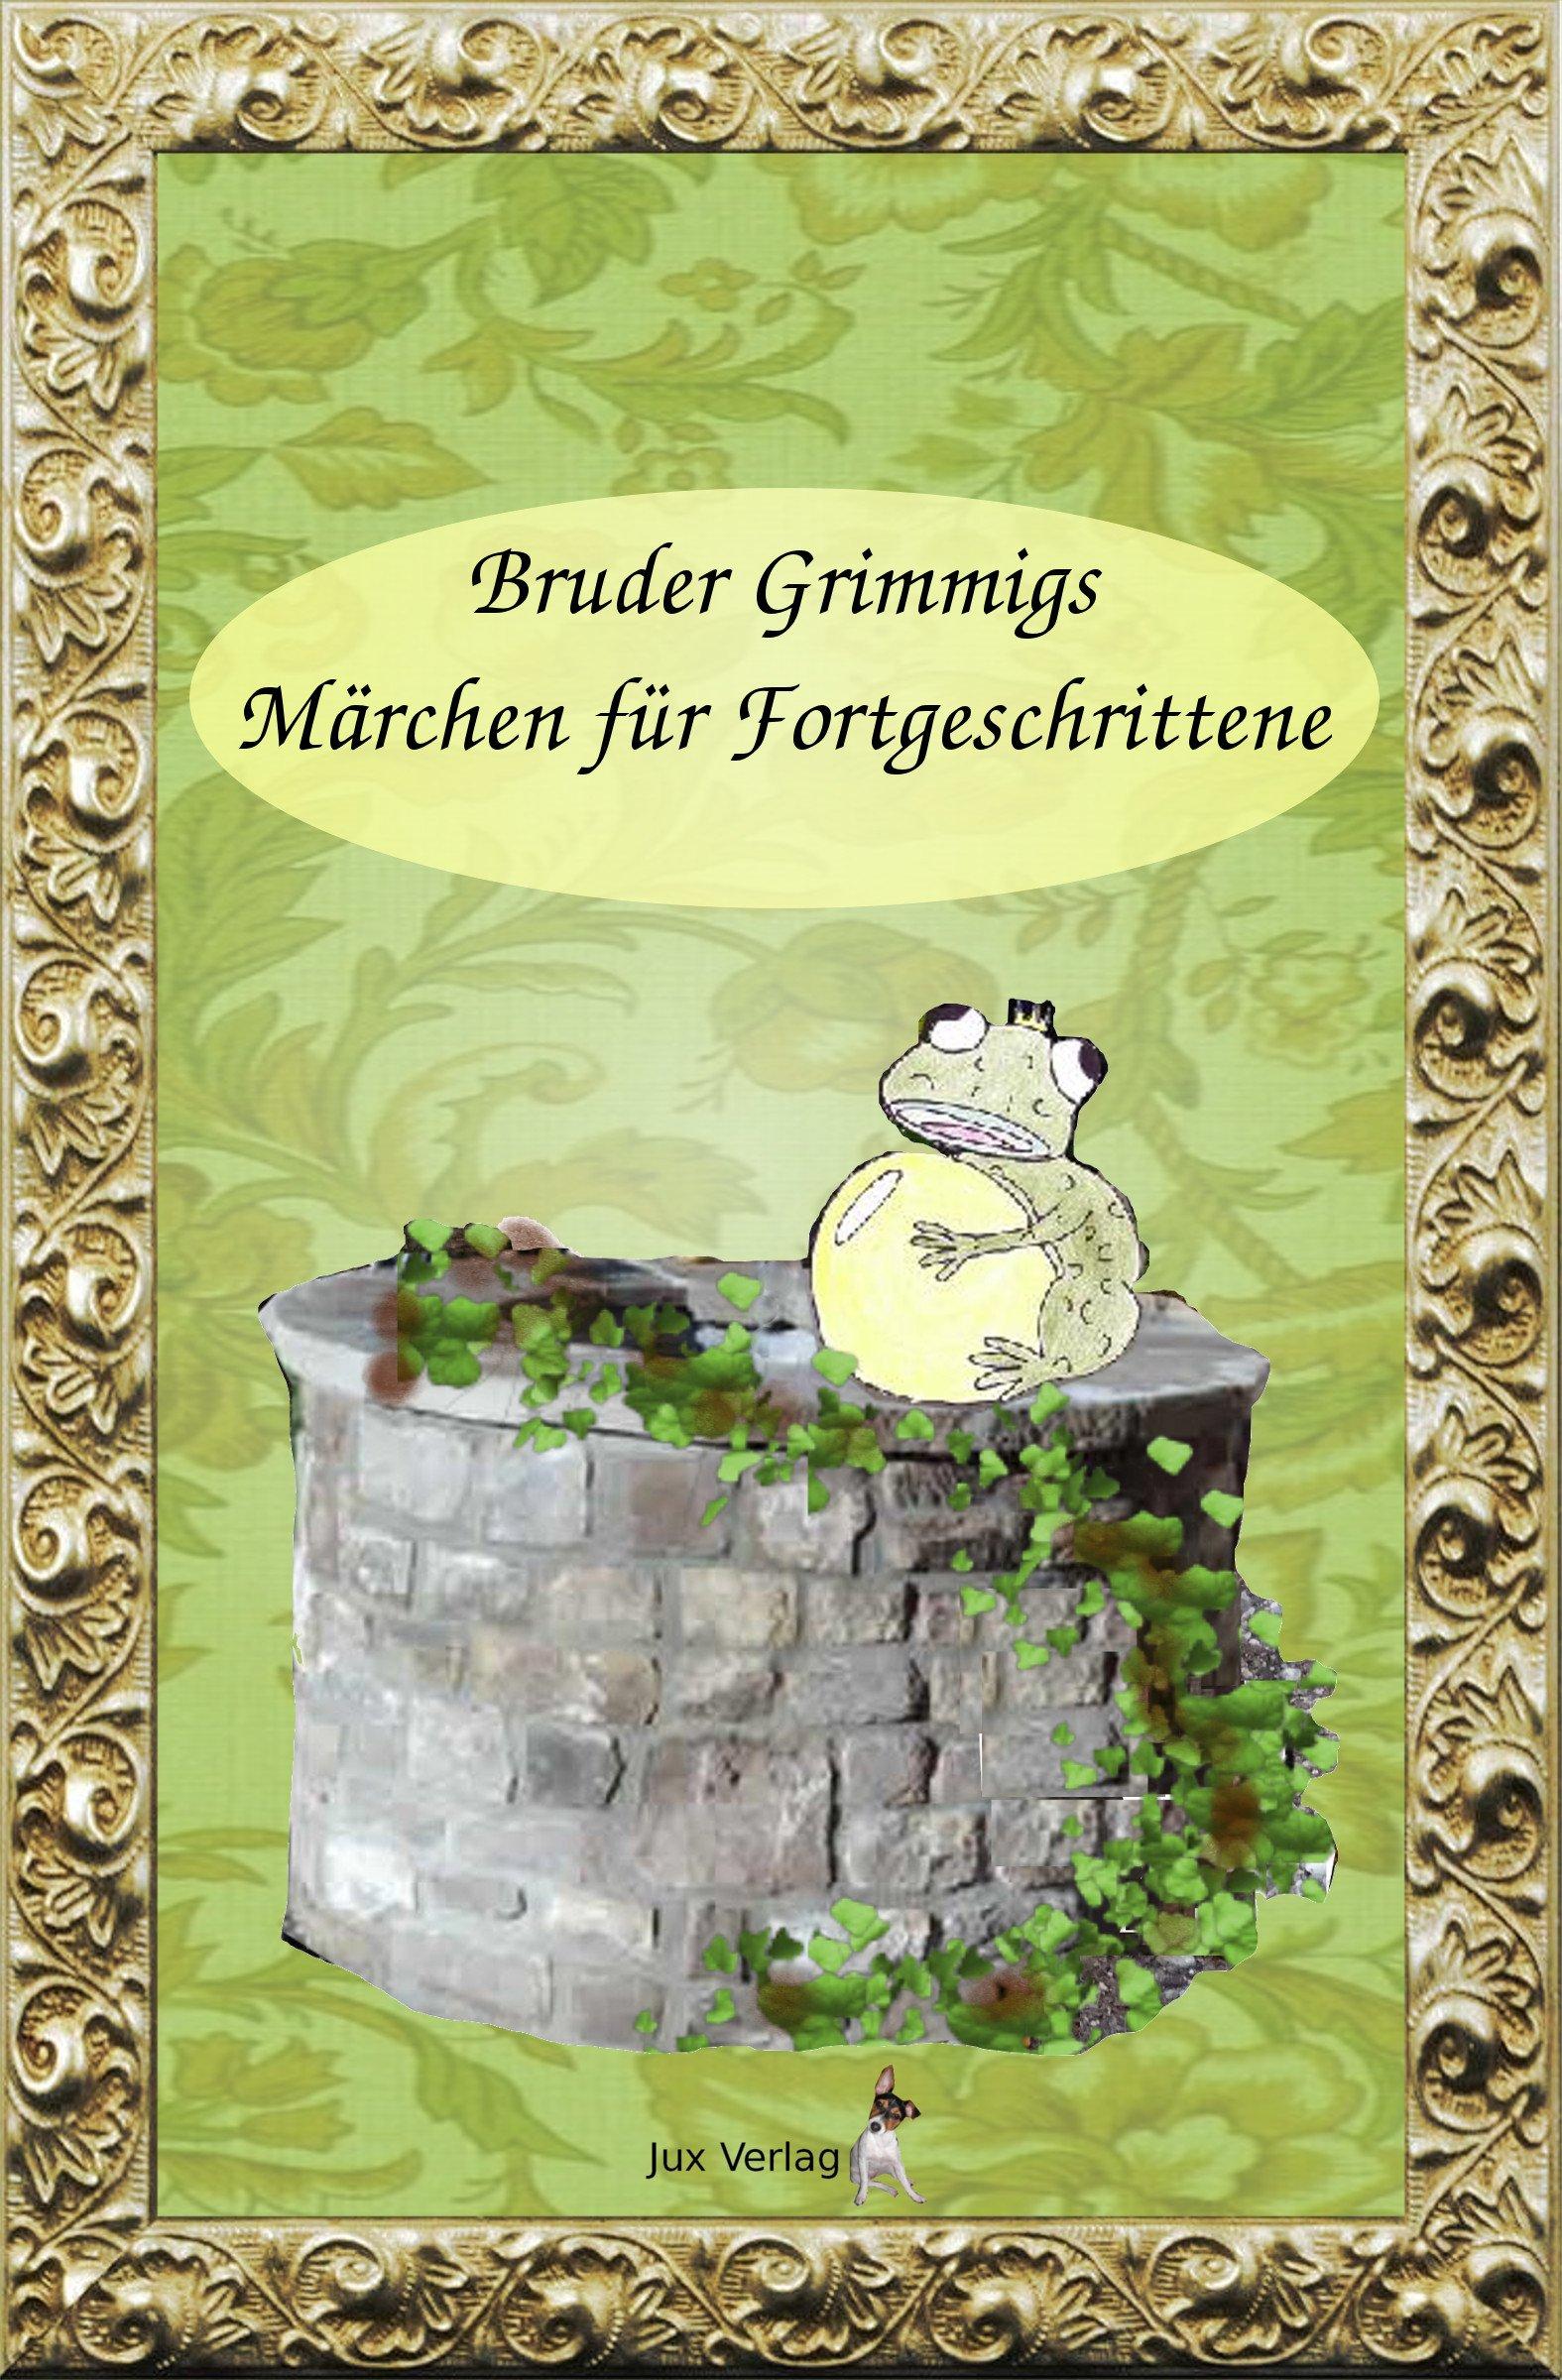 Bruder Grimmigs Märchen für Fortgeschrittene